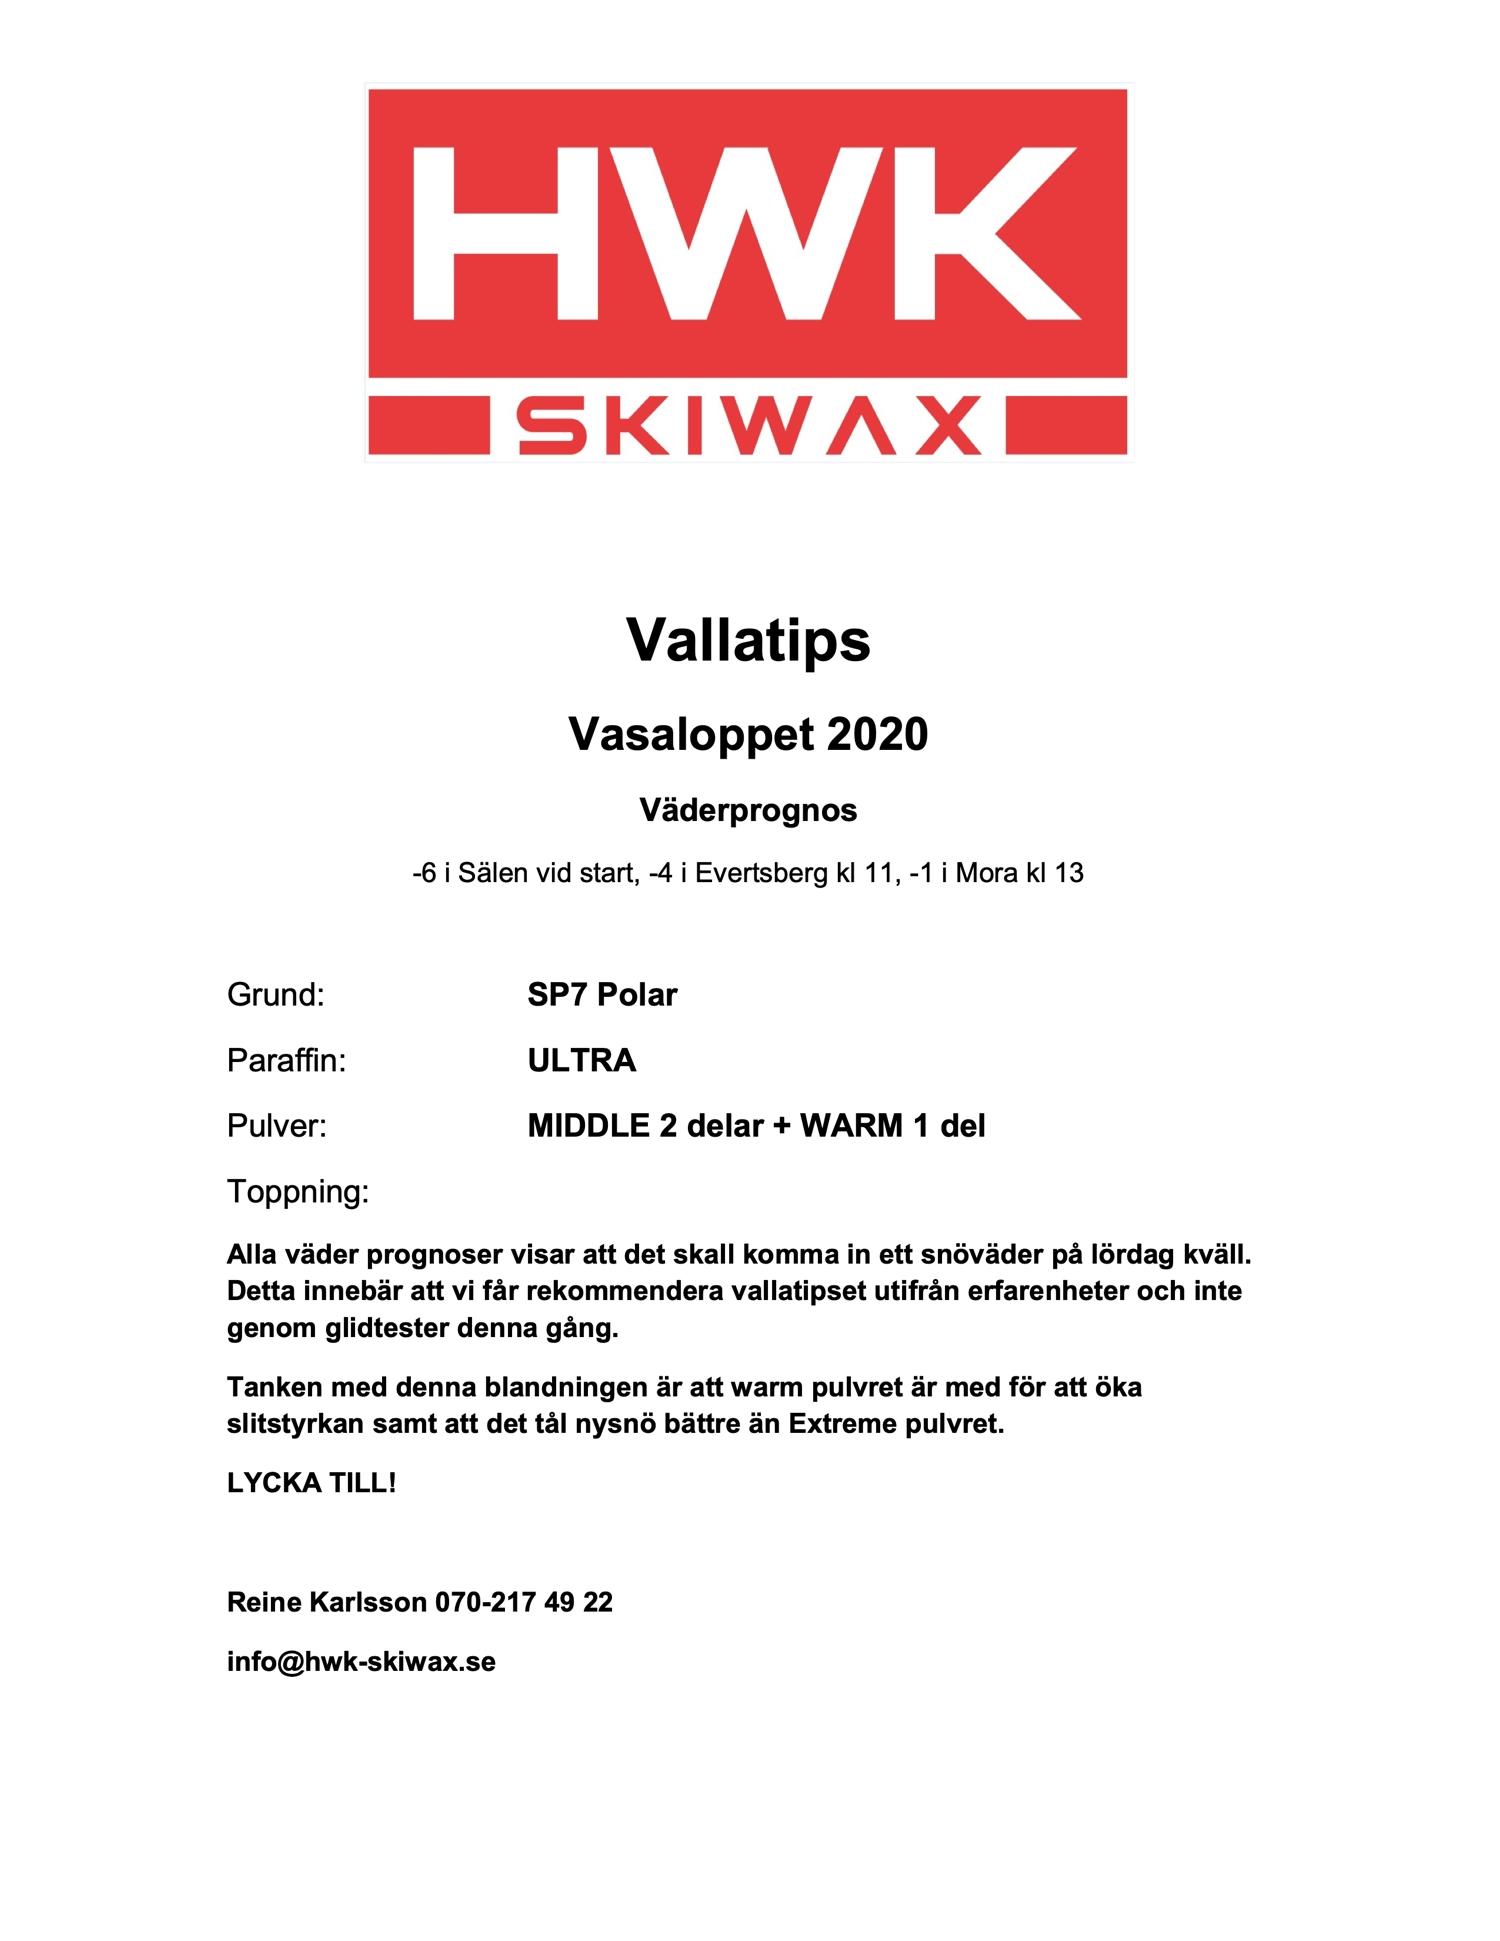 Vallatips HWK 2020-02-29 inför Vasaloppet.jpg